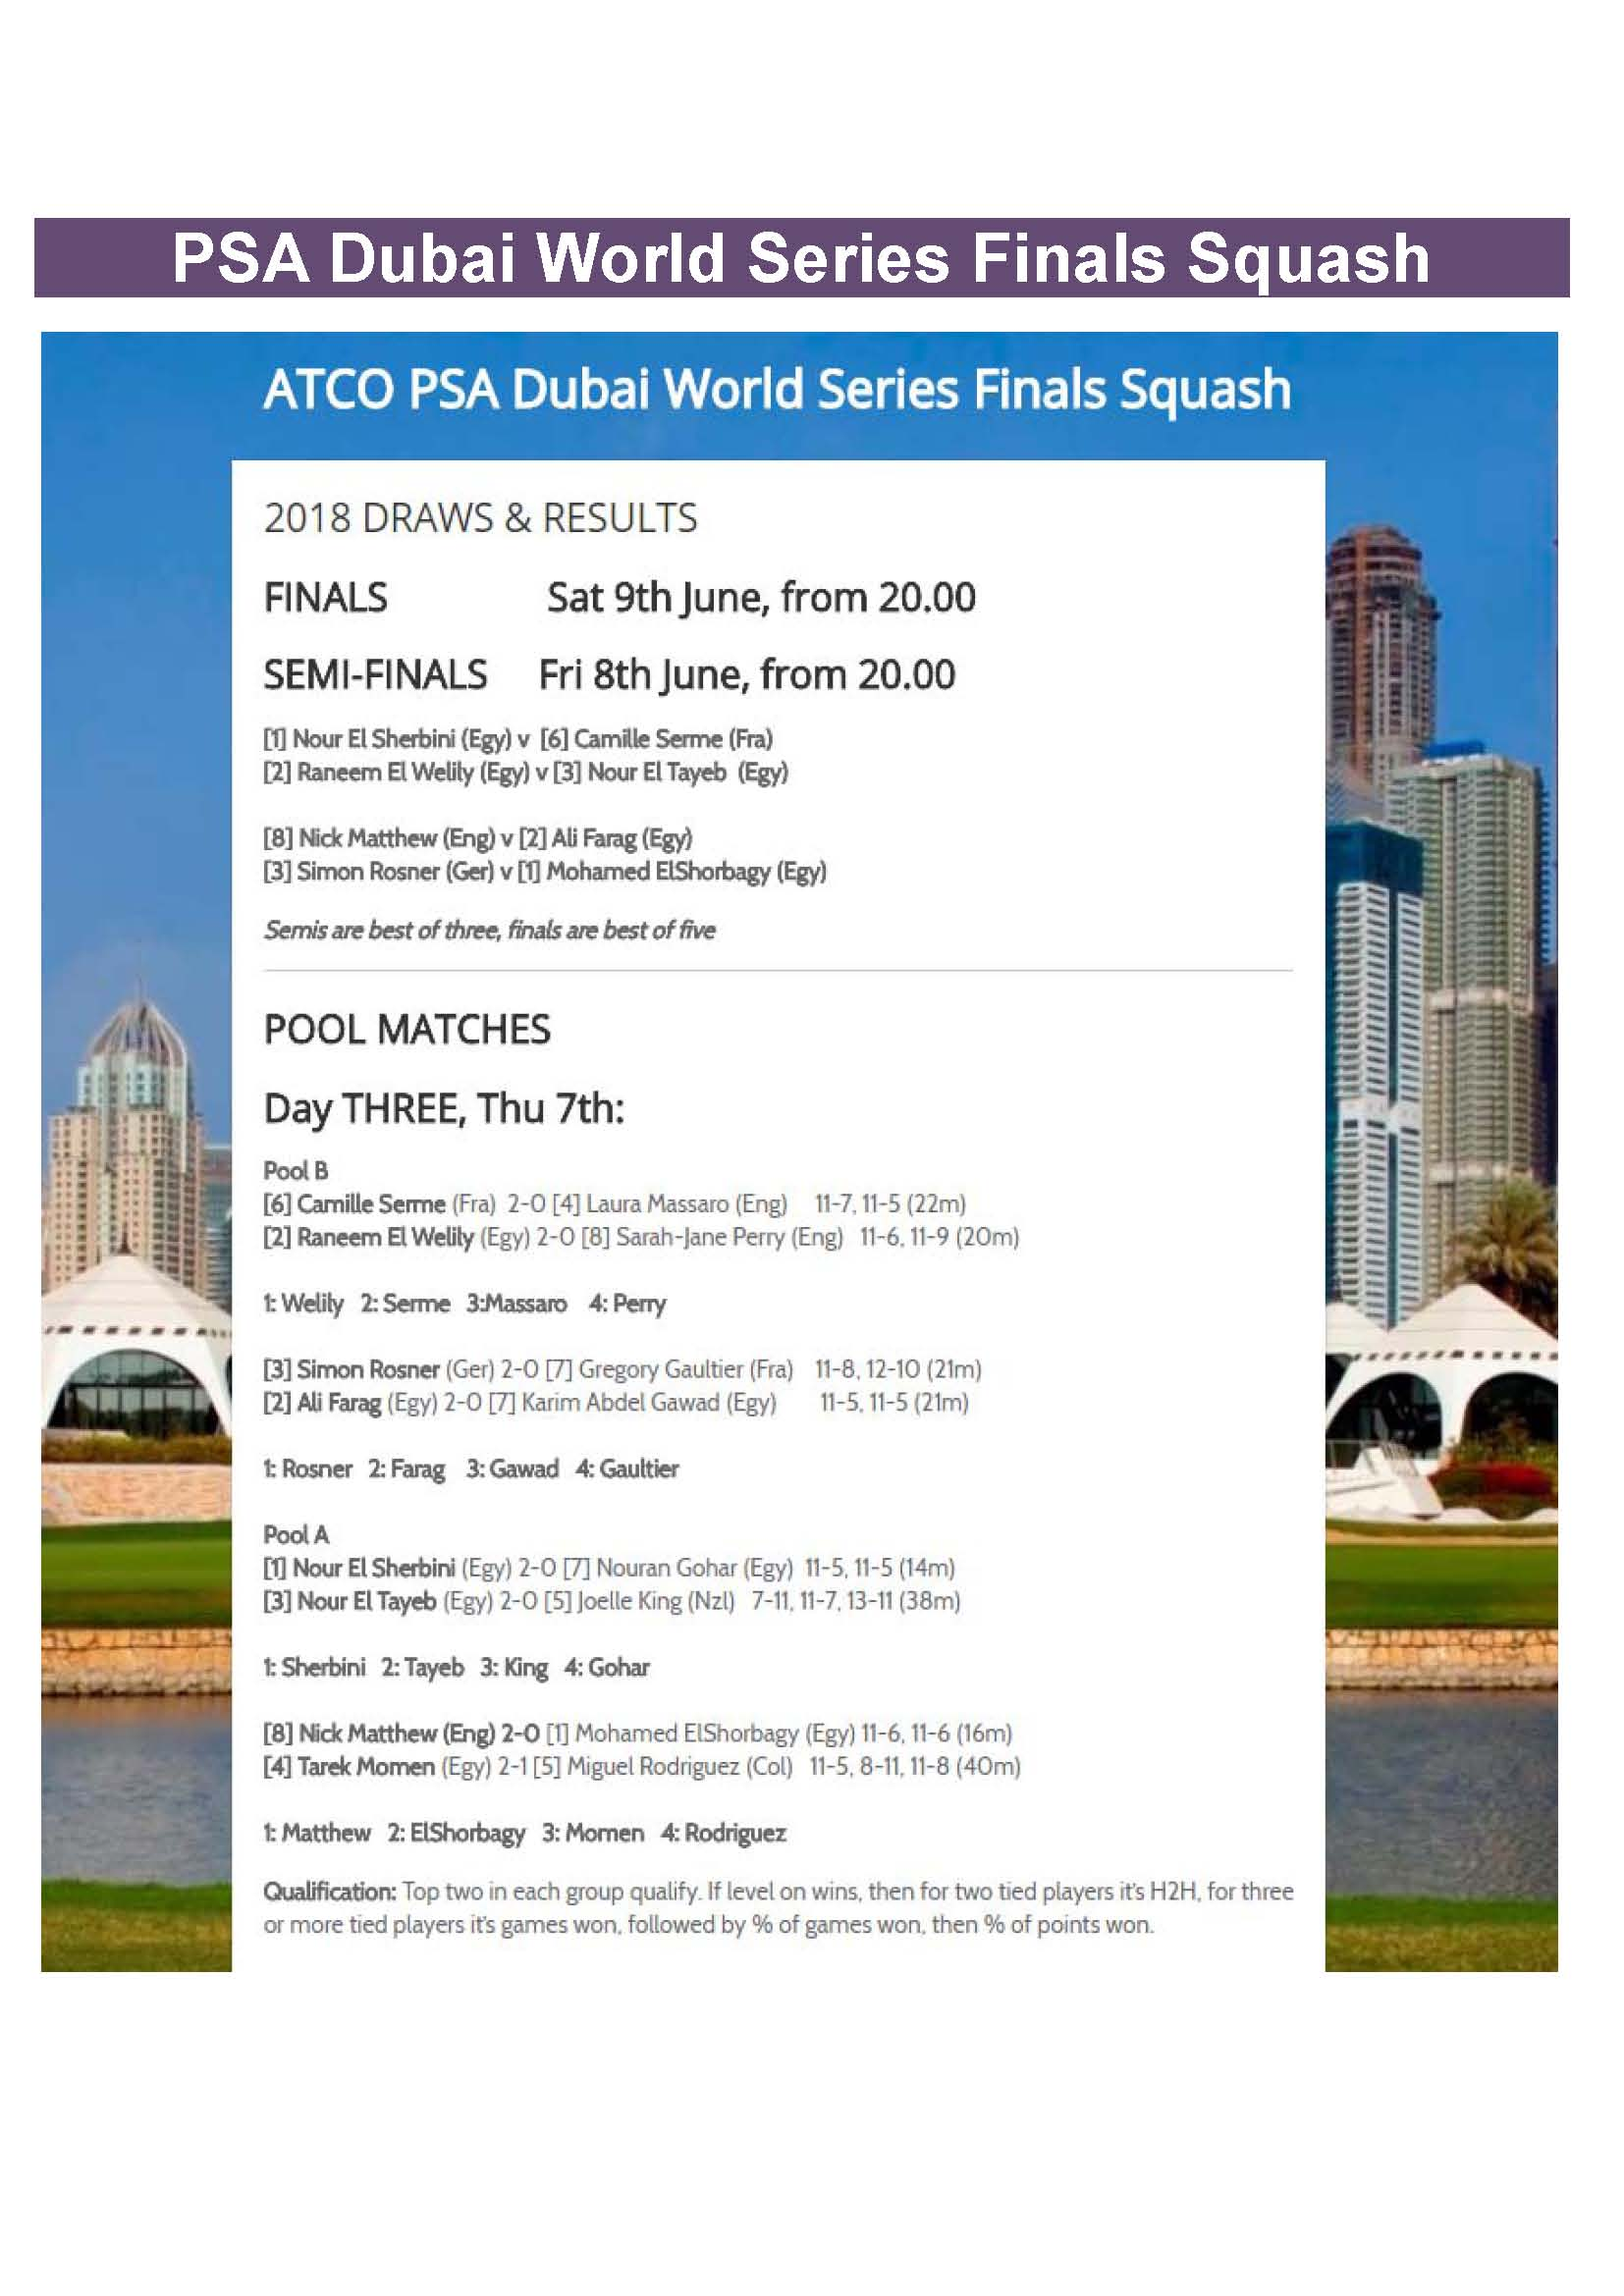 PSA Dubai World Series Finals Squash